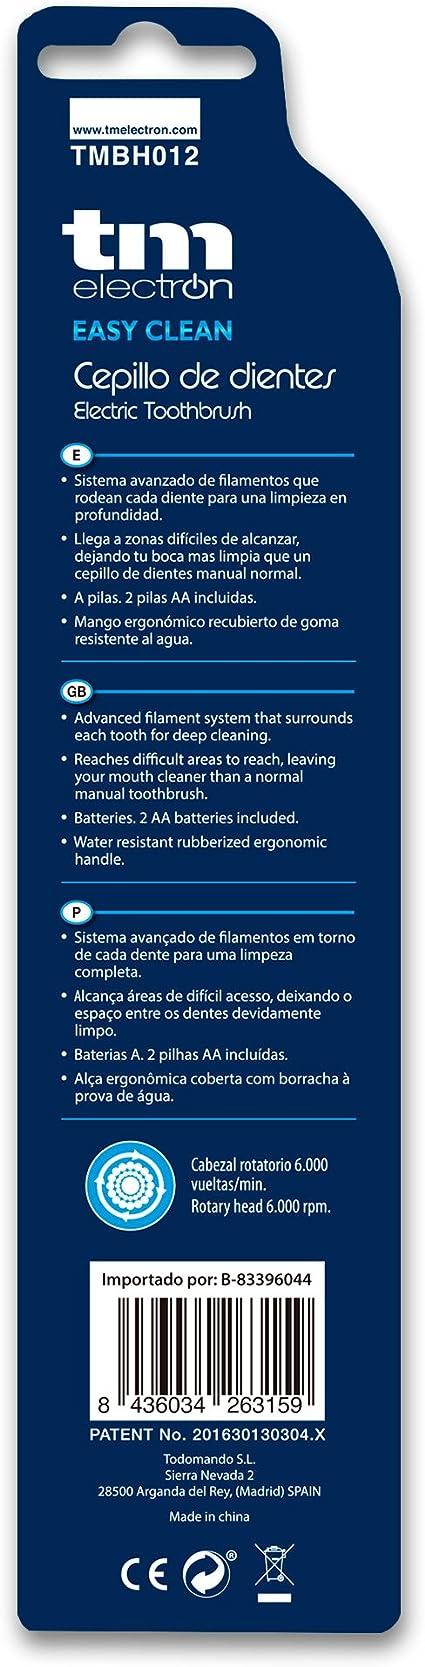 TM Electron Cepillo de Dientes Eléctrico a Pilas Easy Clean, Azul - 1 Unidad: Amazon.es: Salud y cuidado personal